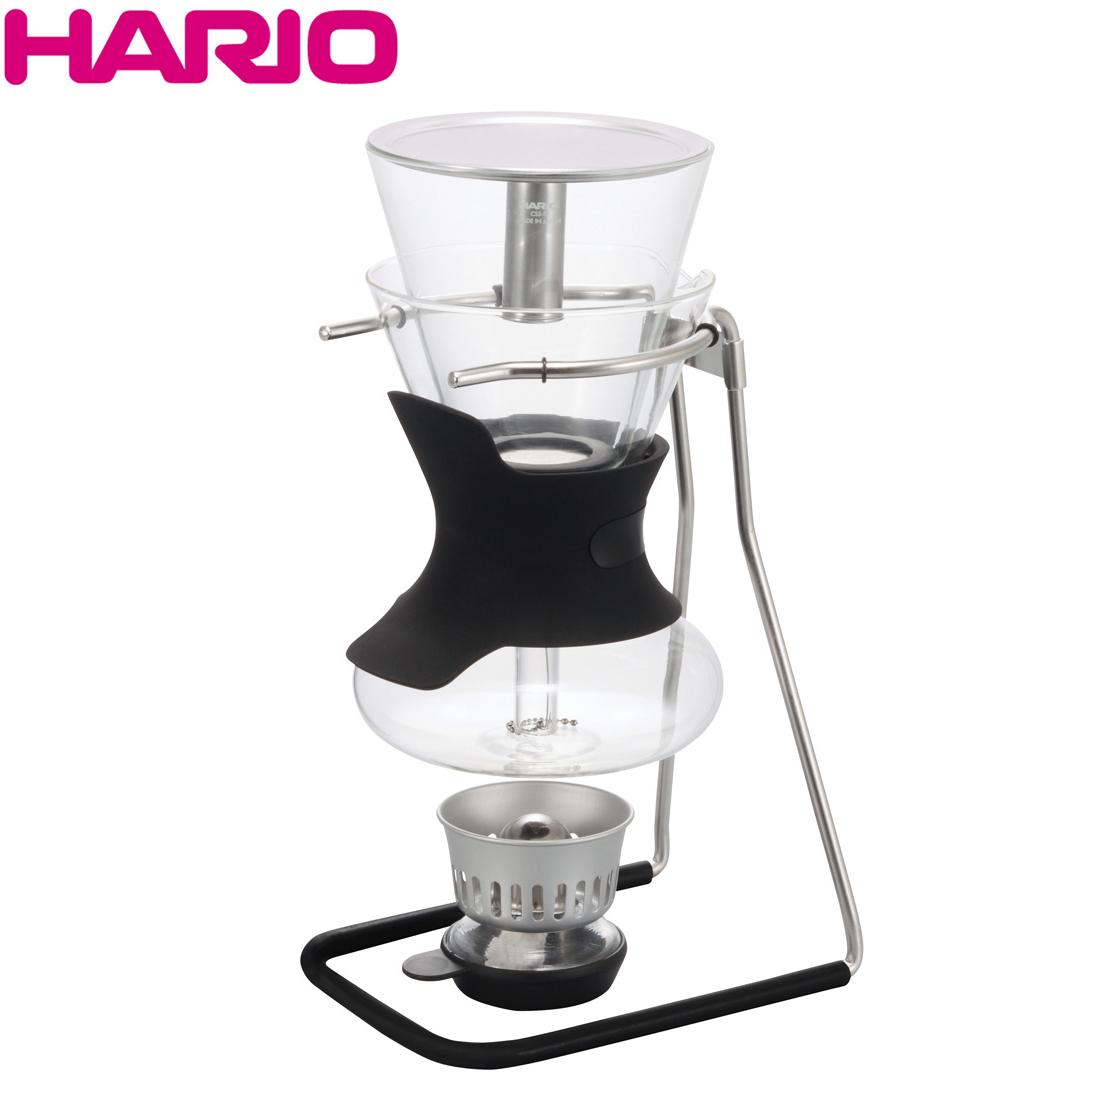 日本原装HARIO好璃奥虹吸壶高档煮咖啡壶虹吸式塞风壶5人份SCA-5